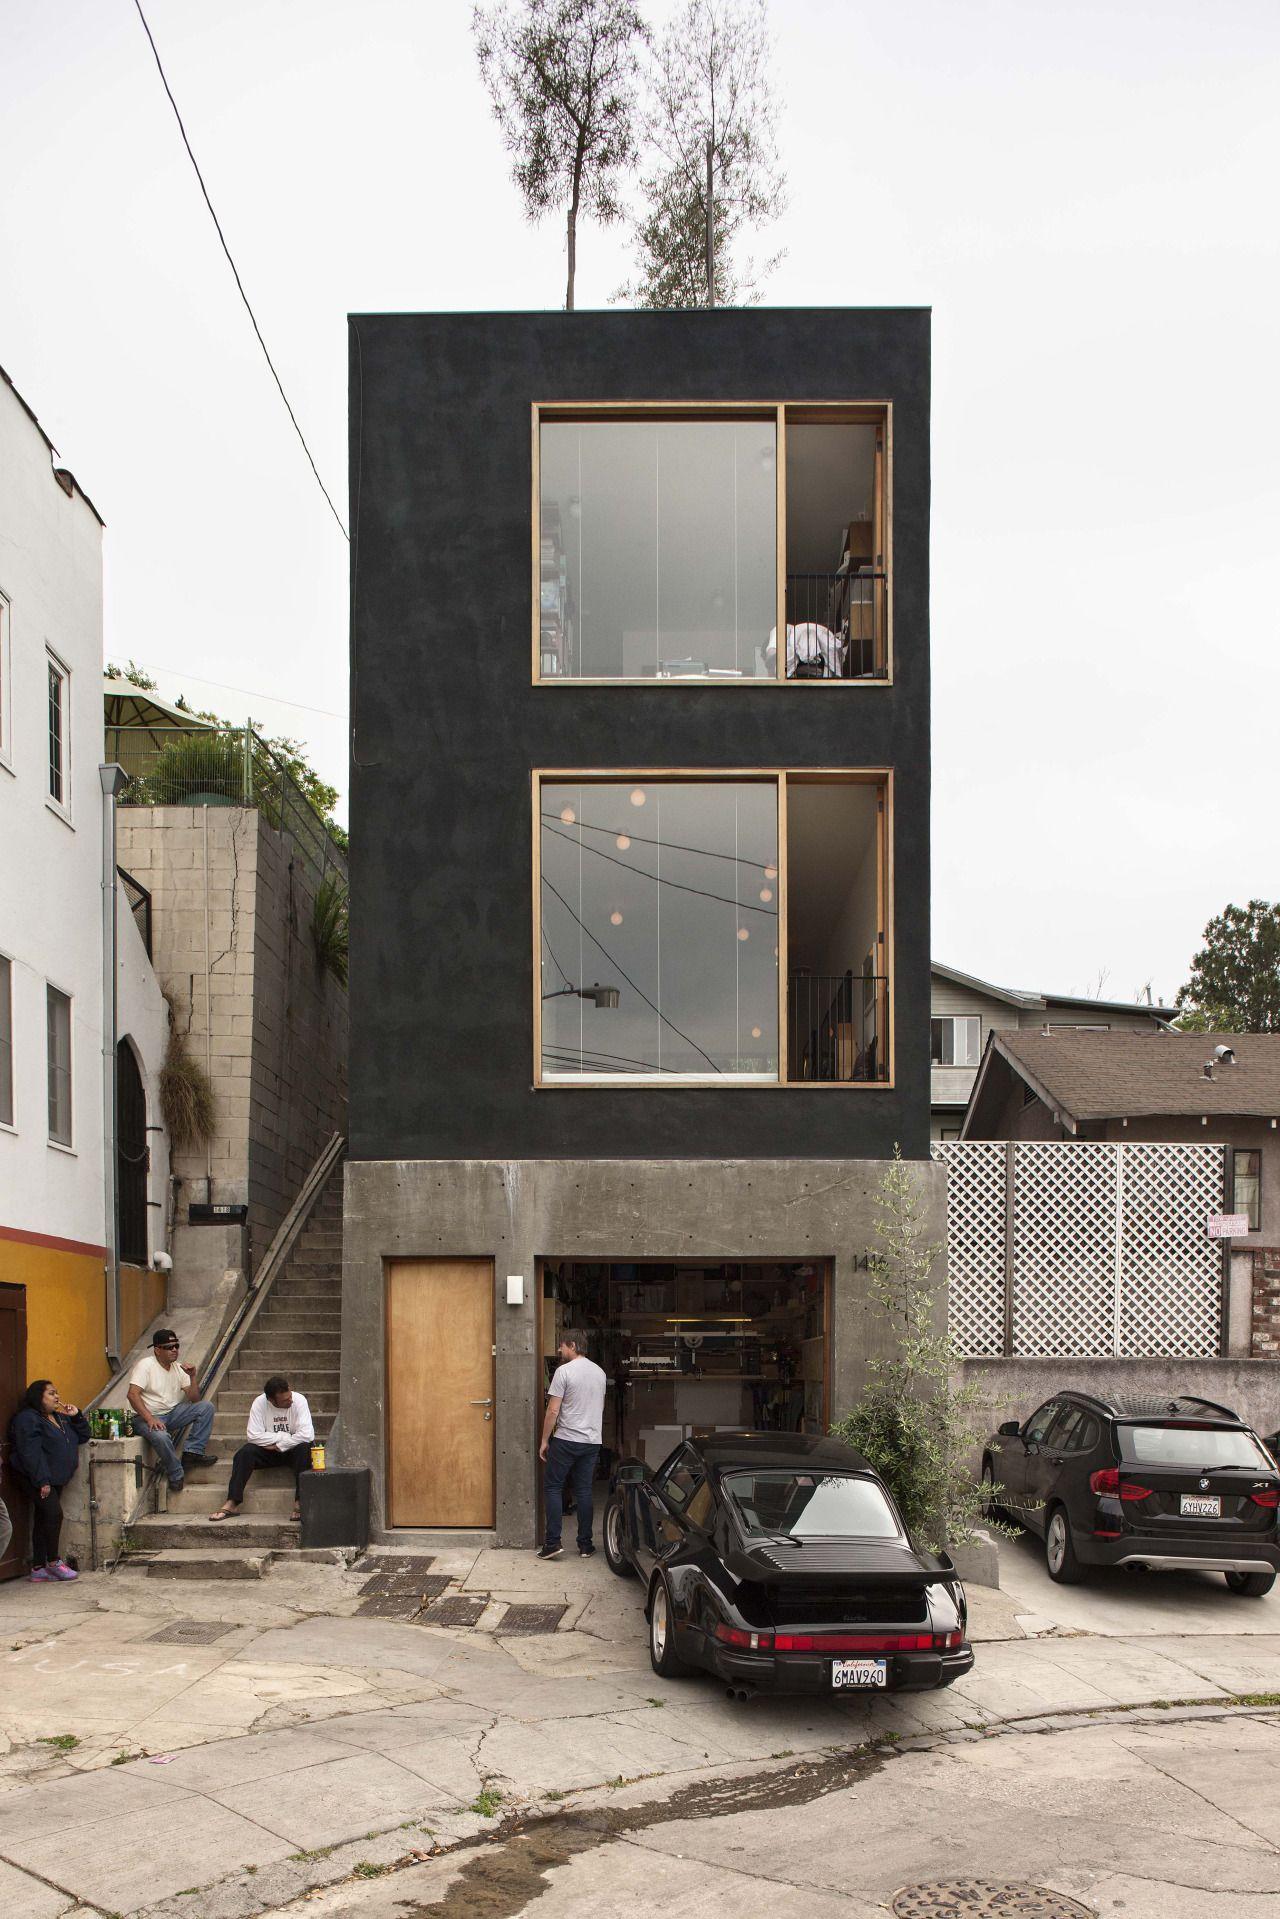 Source smallspacesblog batiment maison étroite maison de ville maison moderne plan